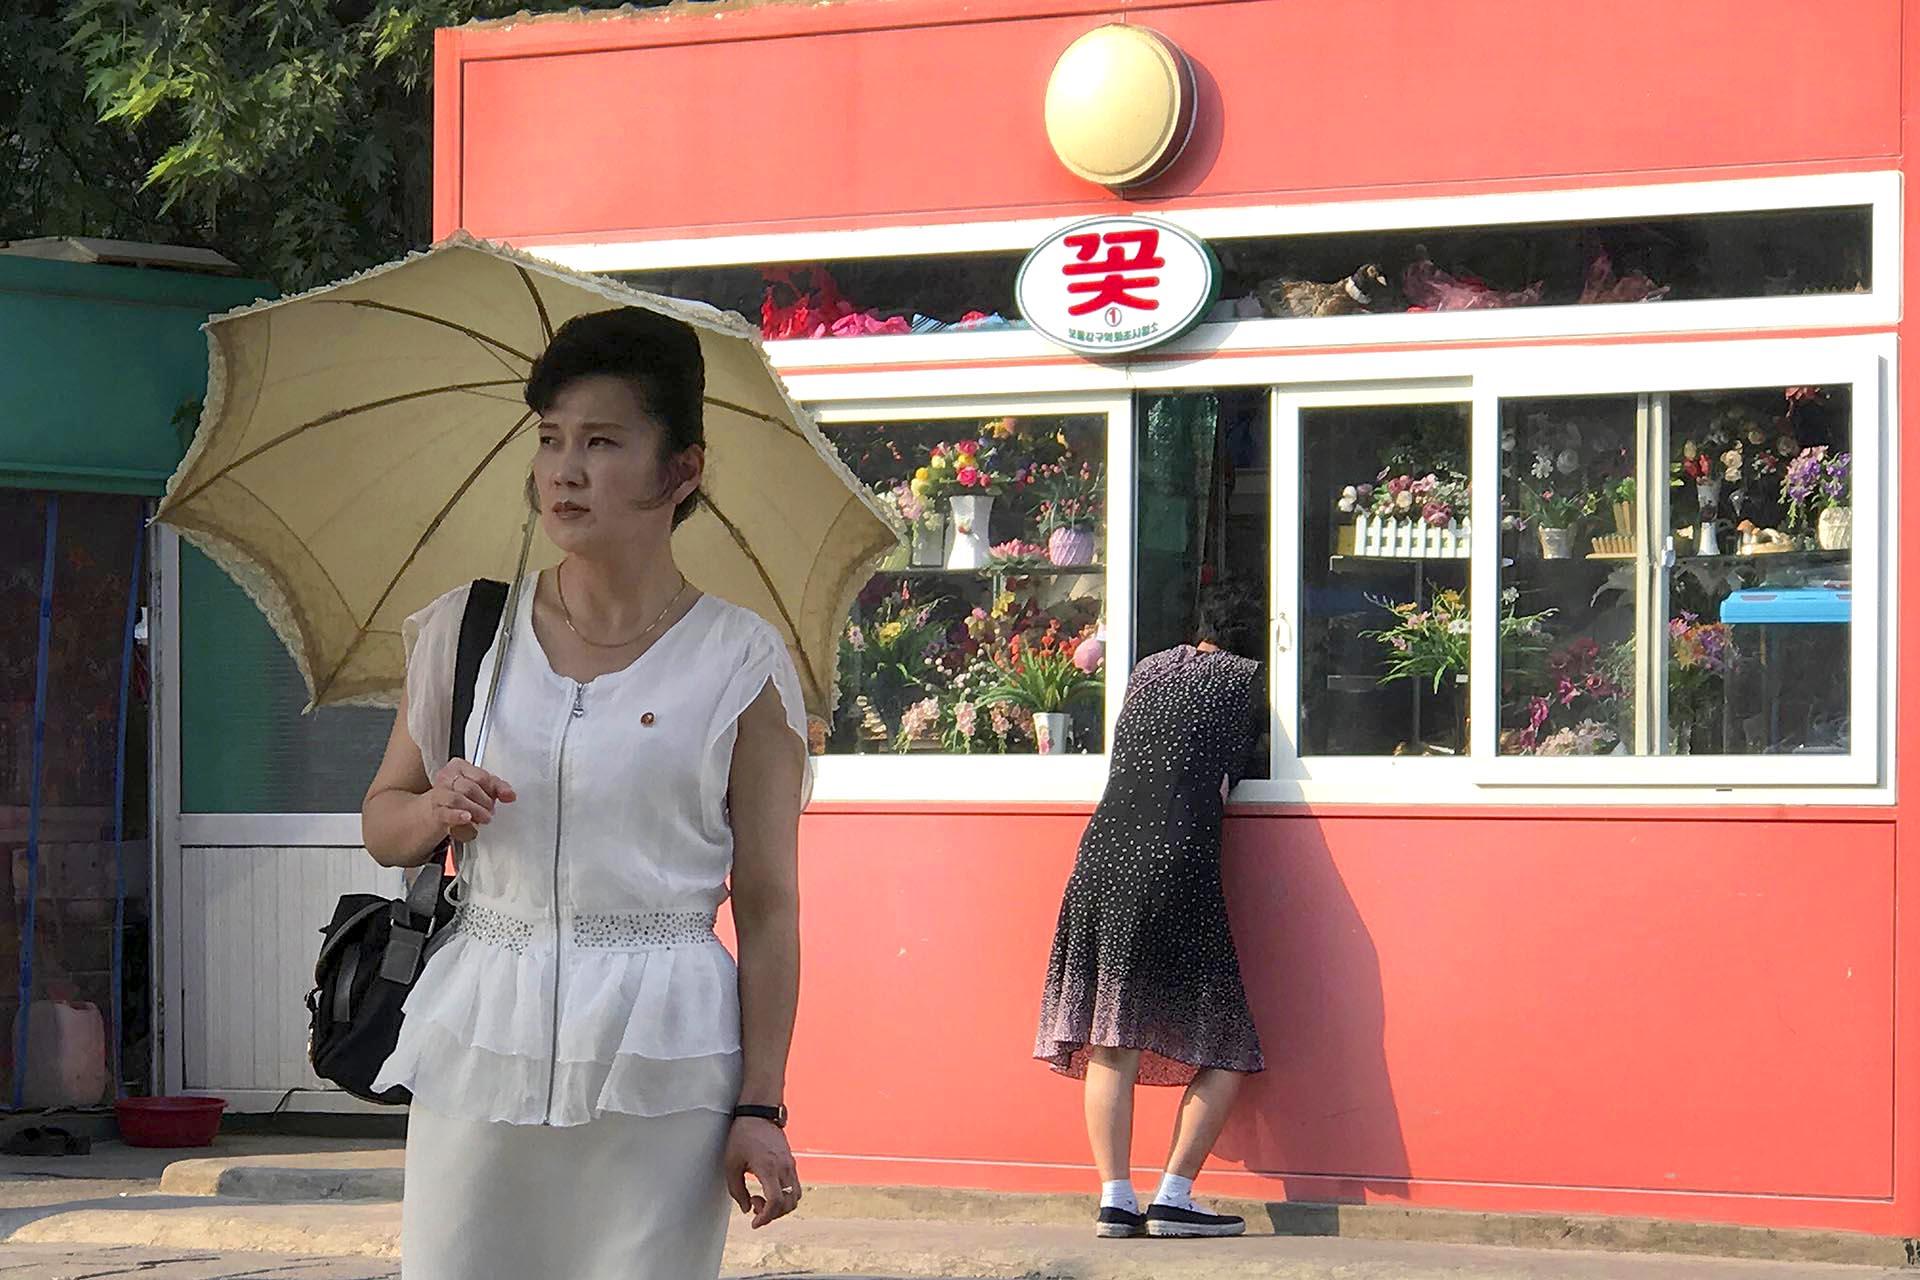 Una mujer se detiene en un quiosco que vende regalos y flores en Pyongyang, Corea del Norte, mientras otra espera a cruzar la calle